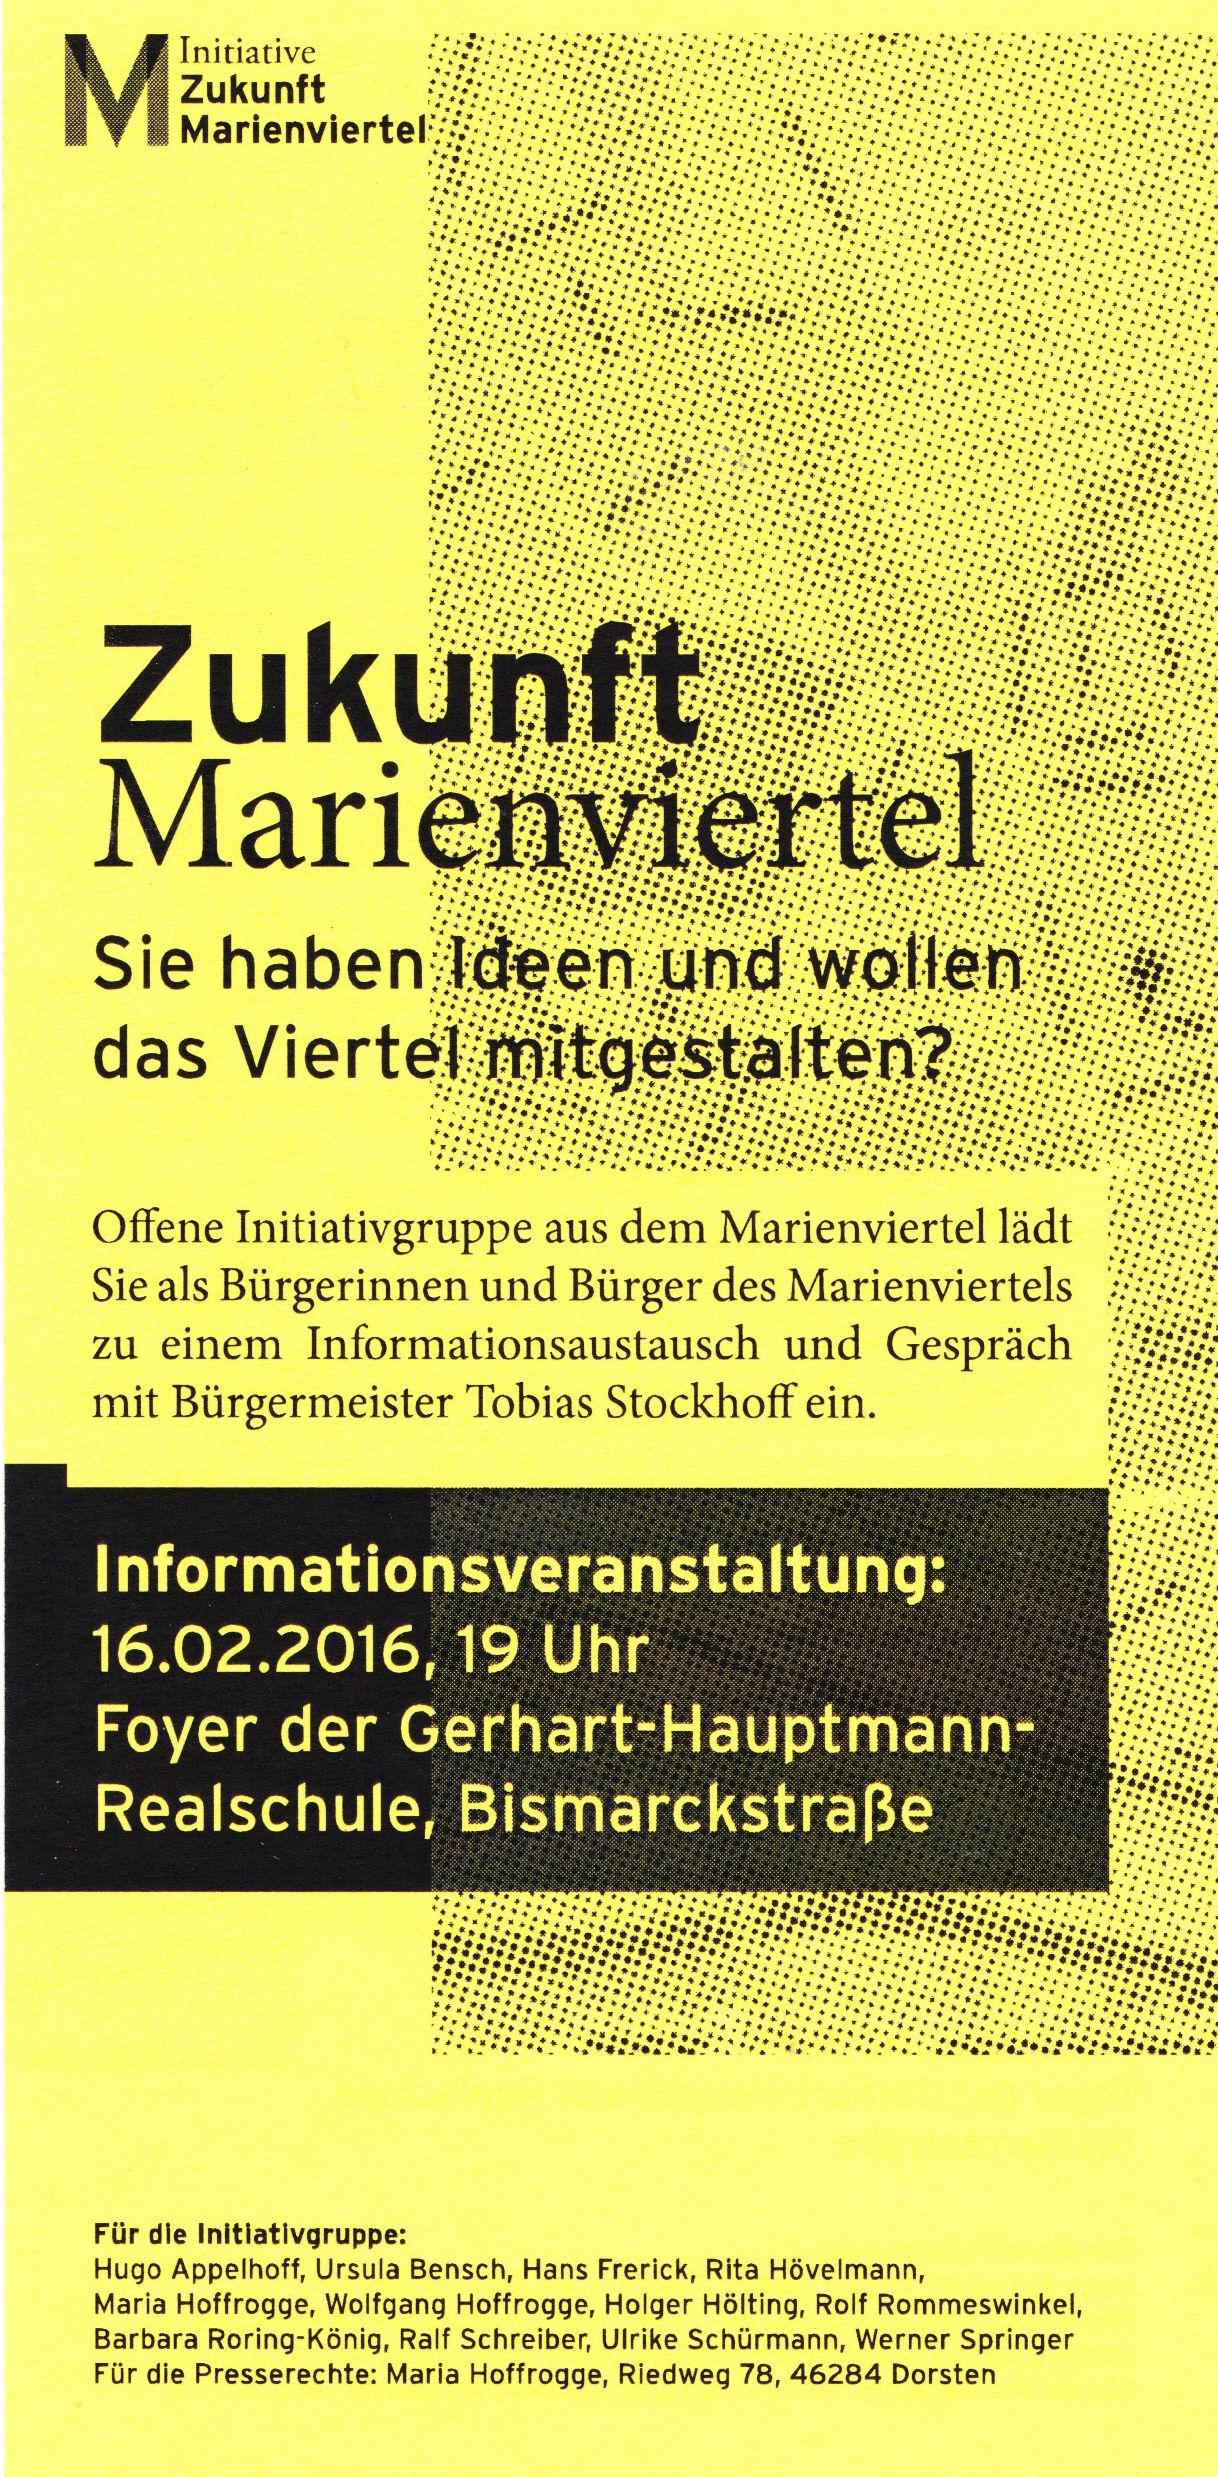 2016-02-08-ZukunftMarienviertel-1